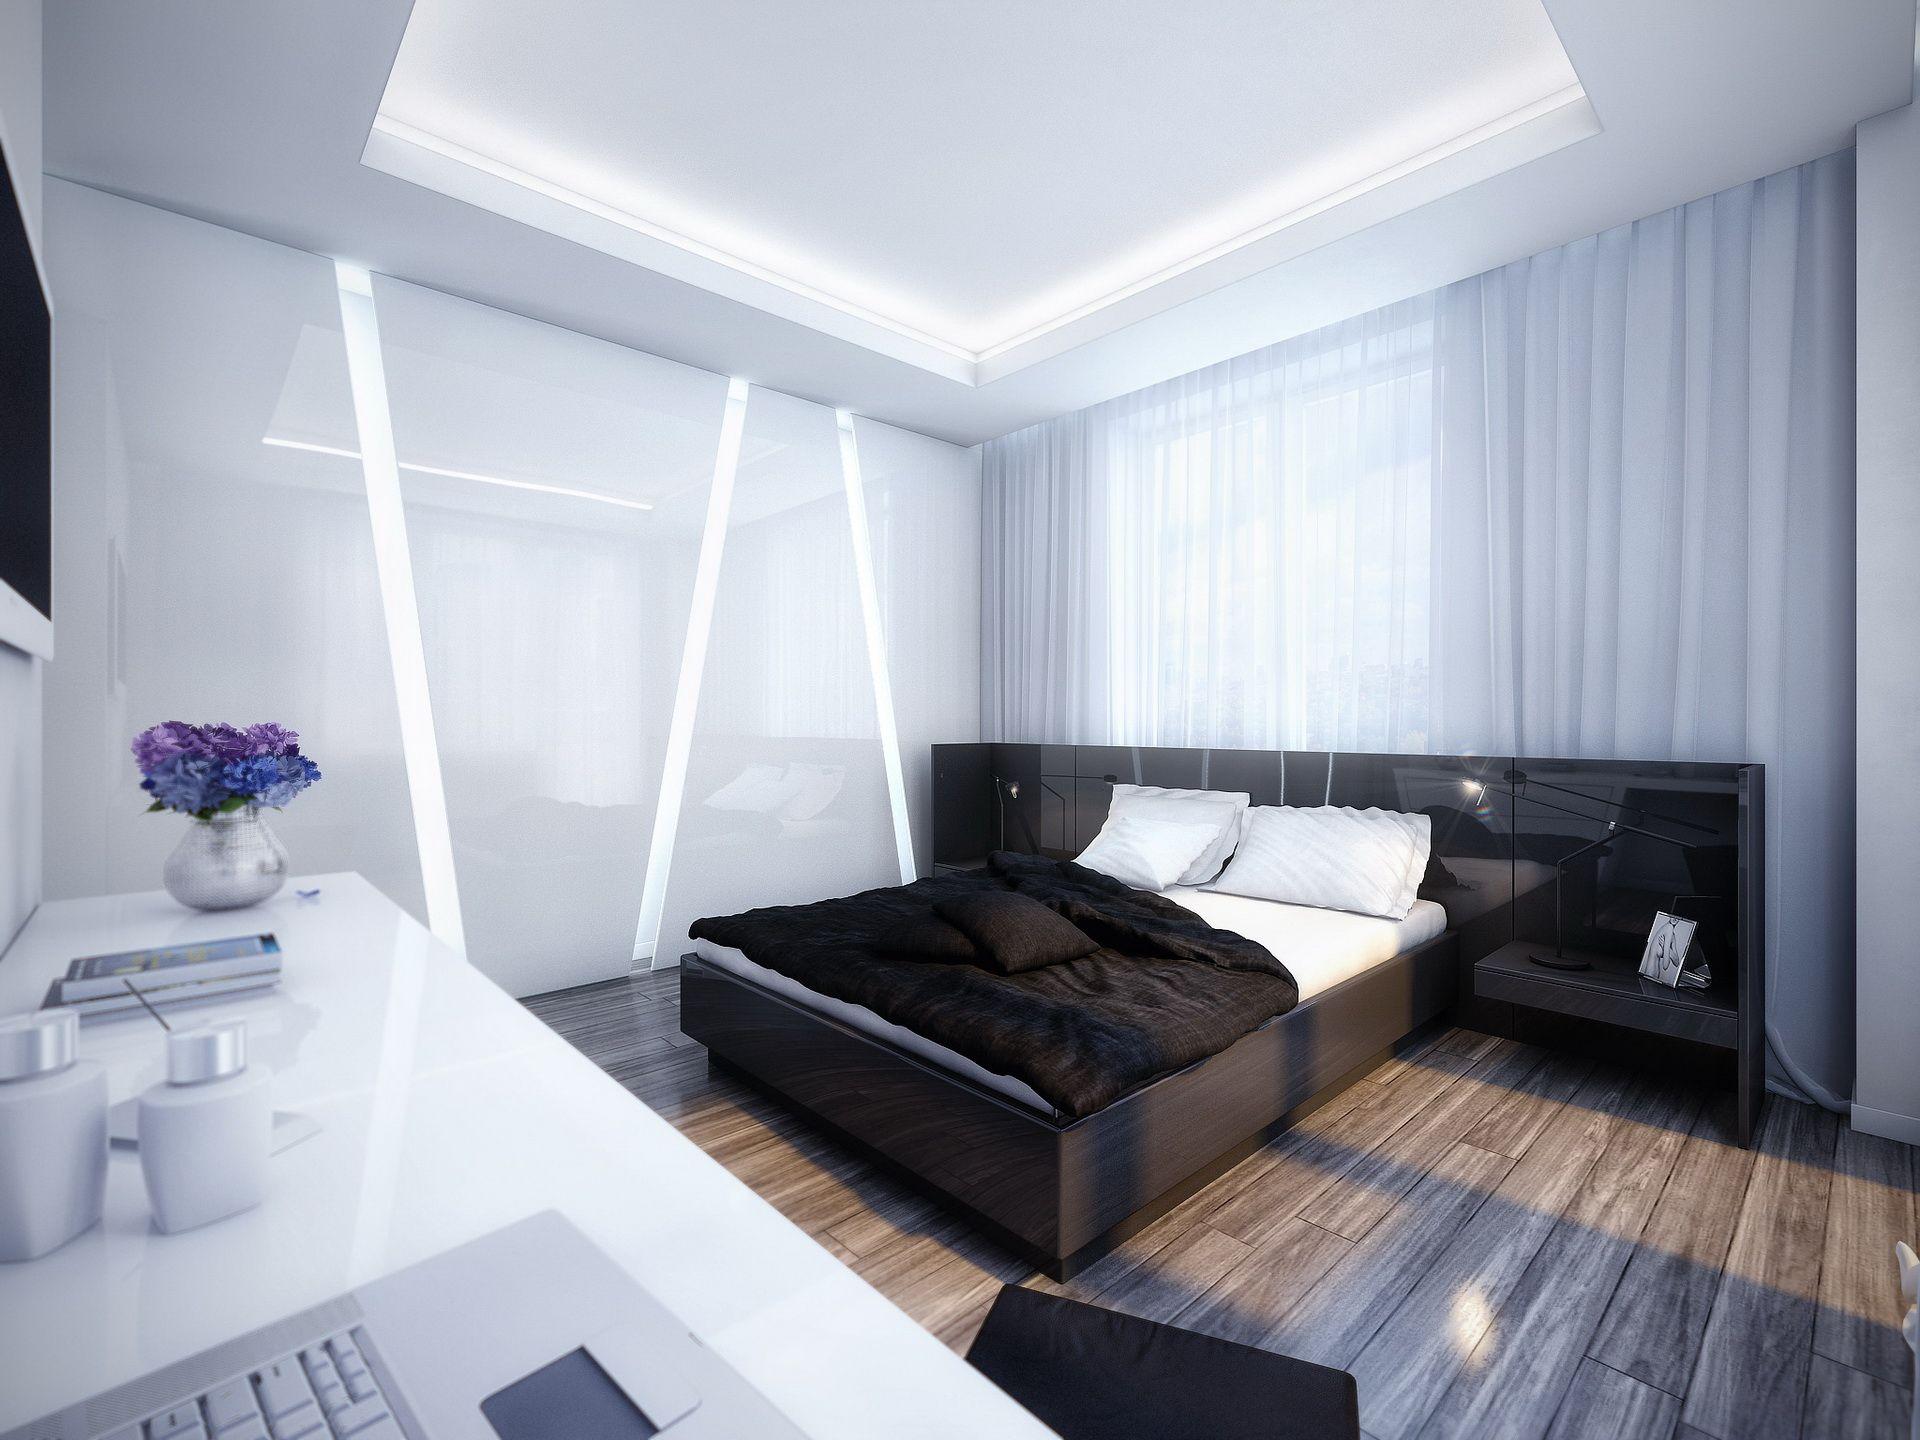 Черно-белая спальня с глянцевыми поверхностями в стиле хай-тек